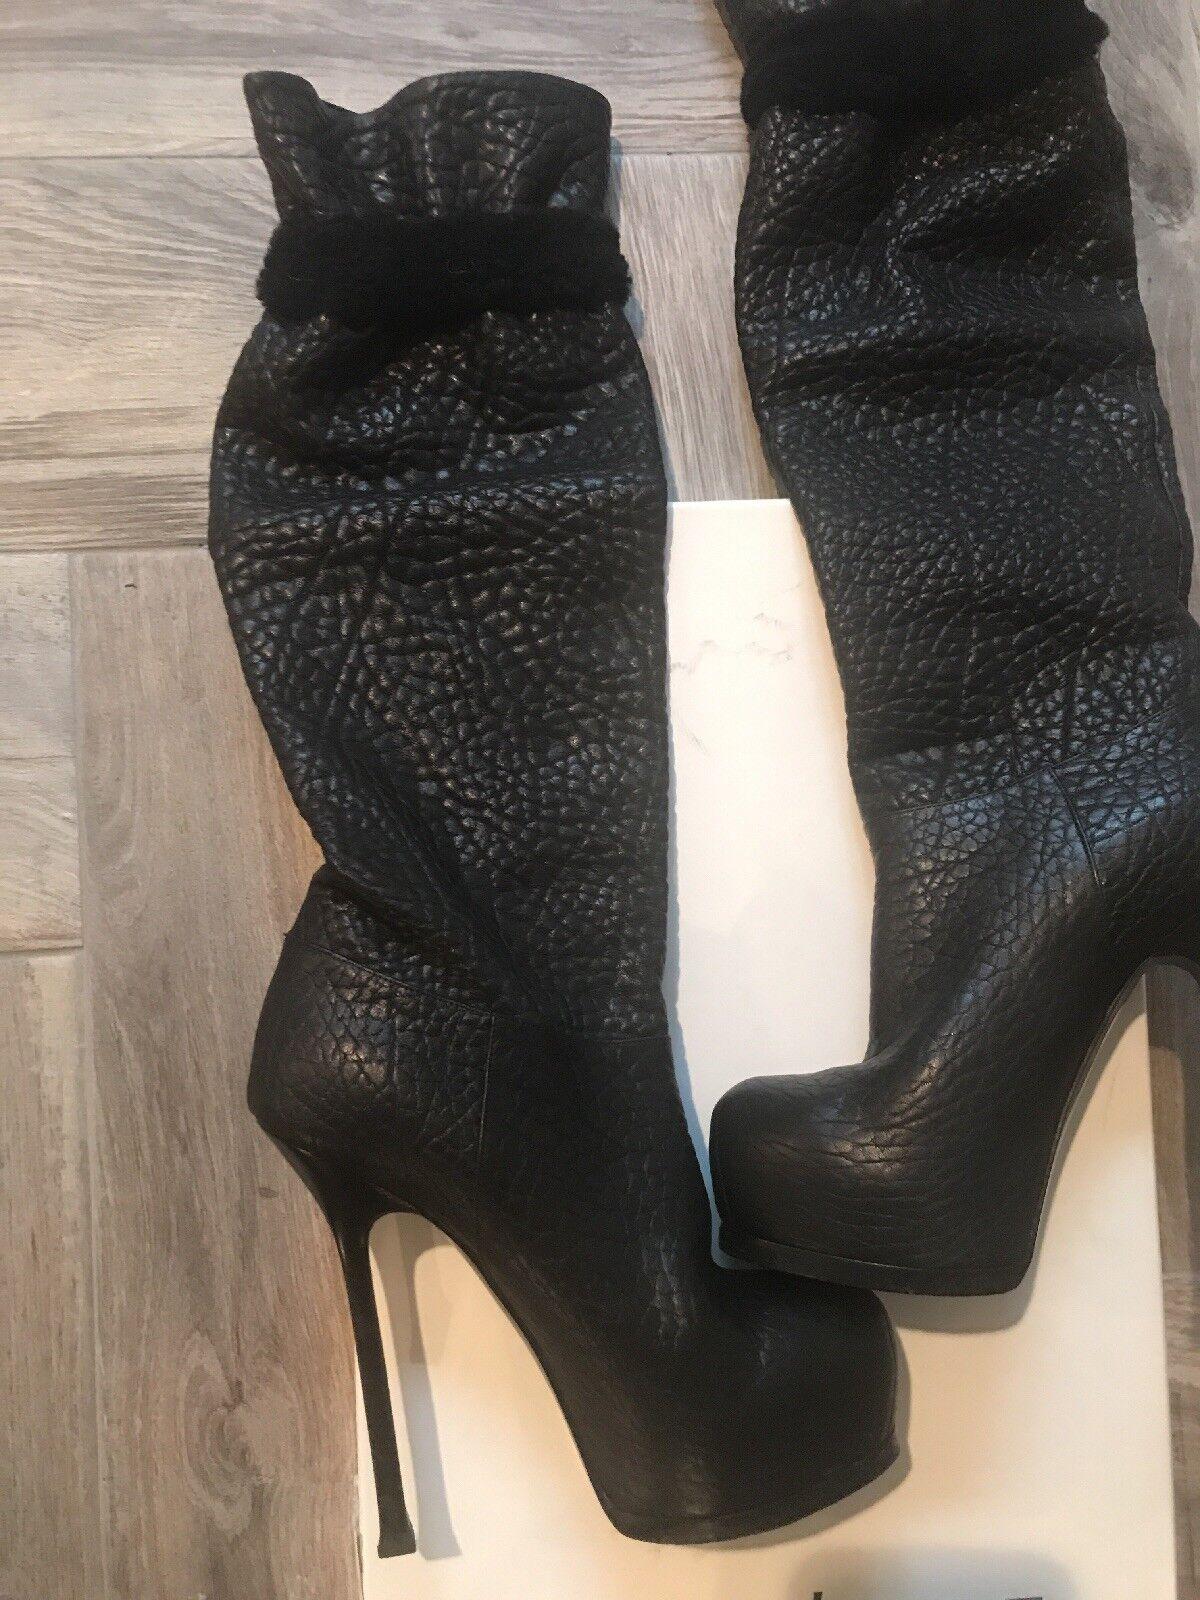 YSL damen damen damen Stiefel Größe 36.5 or US 6.5 727865